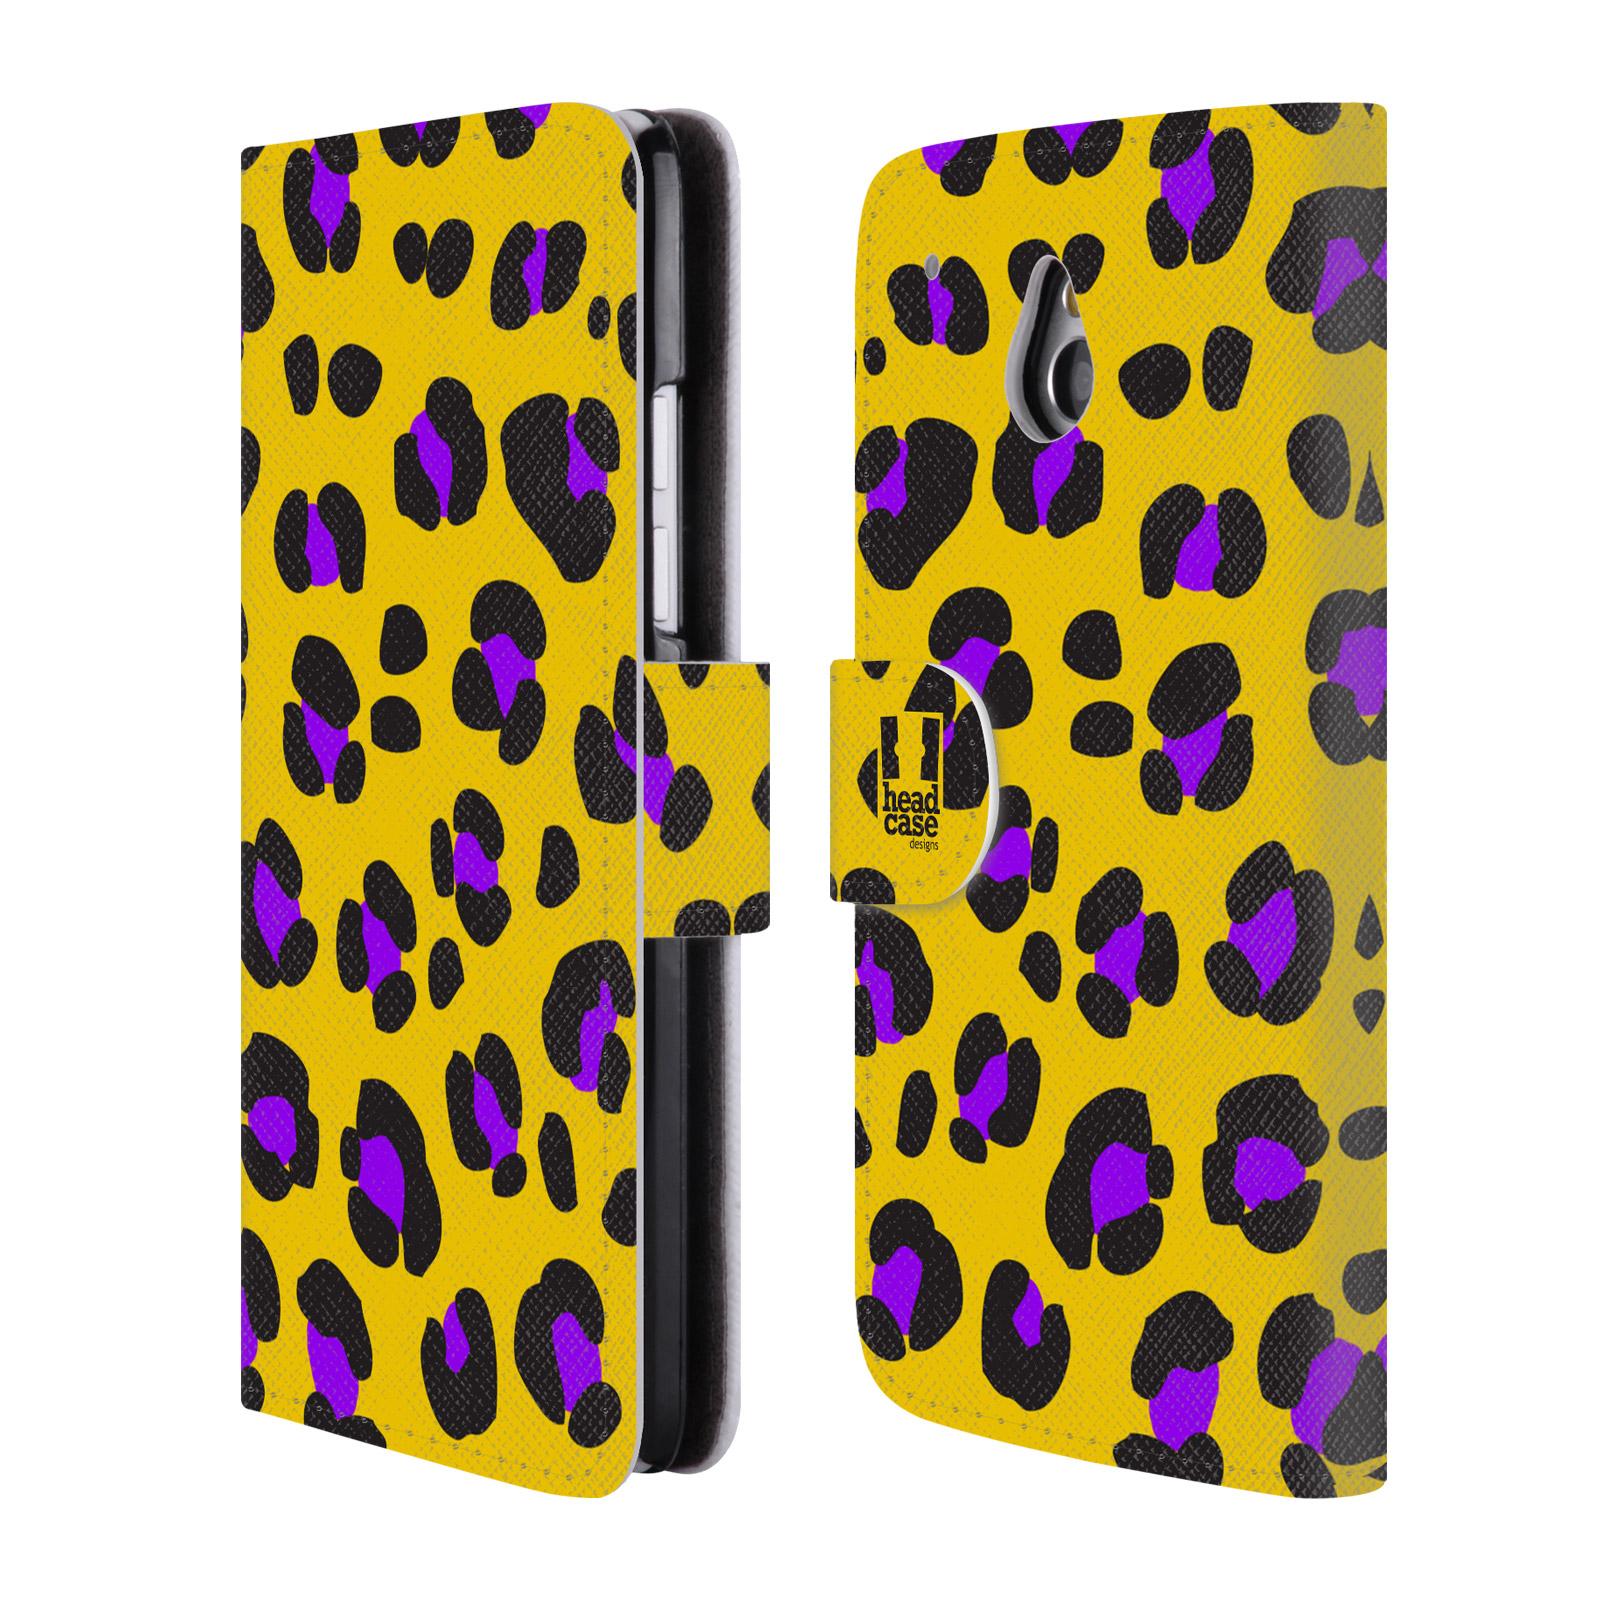 HEAD CASE Flipové pouzdro pro mobil HTC ONE MINI (M4) Zvířecí barevné vzory žlutý leopard fialové skvrny